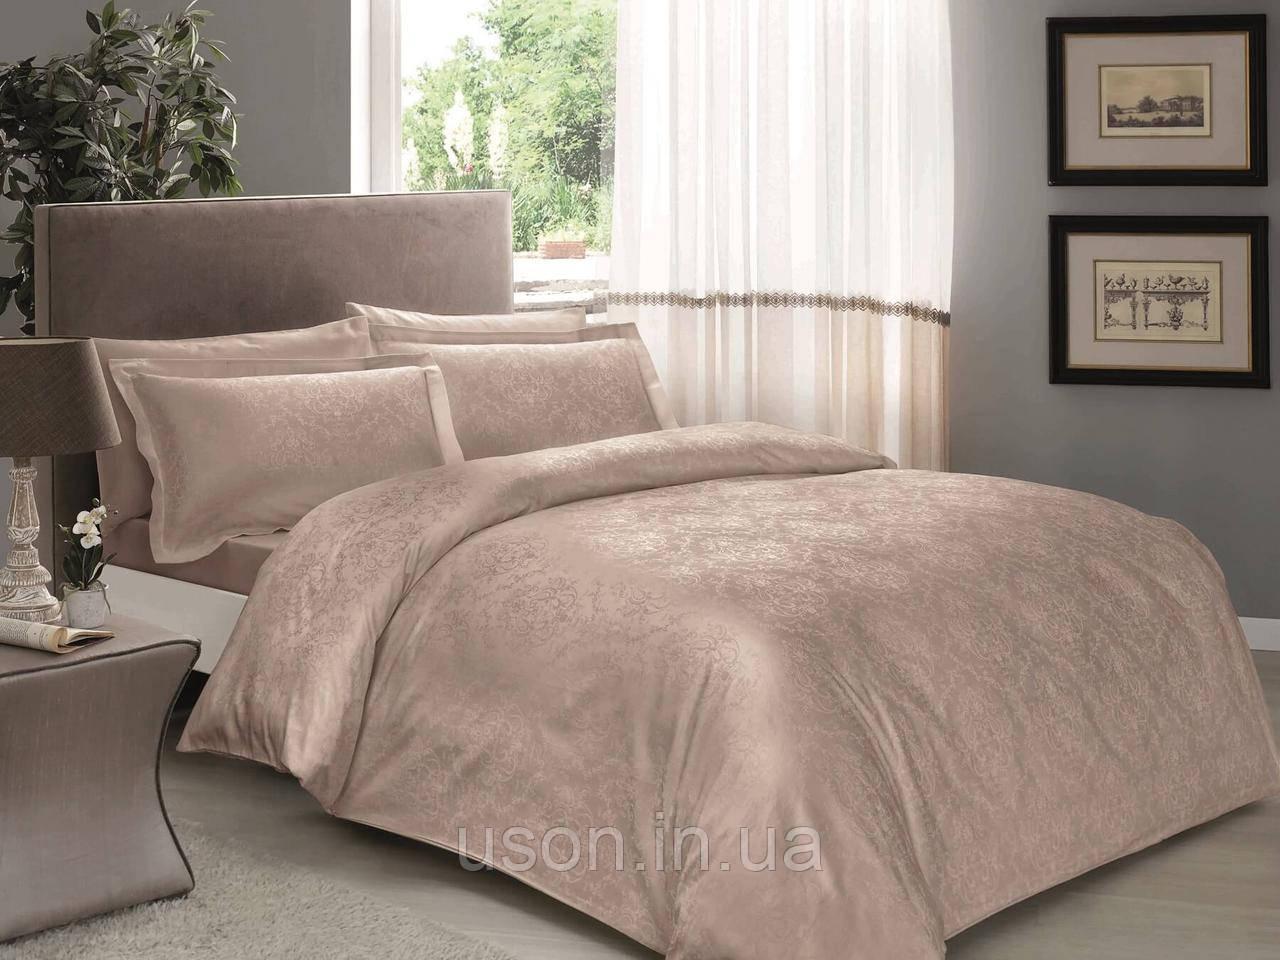 Комплект постельного белья TAC жаккард евро размер  Daria Vizon